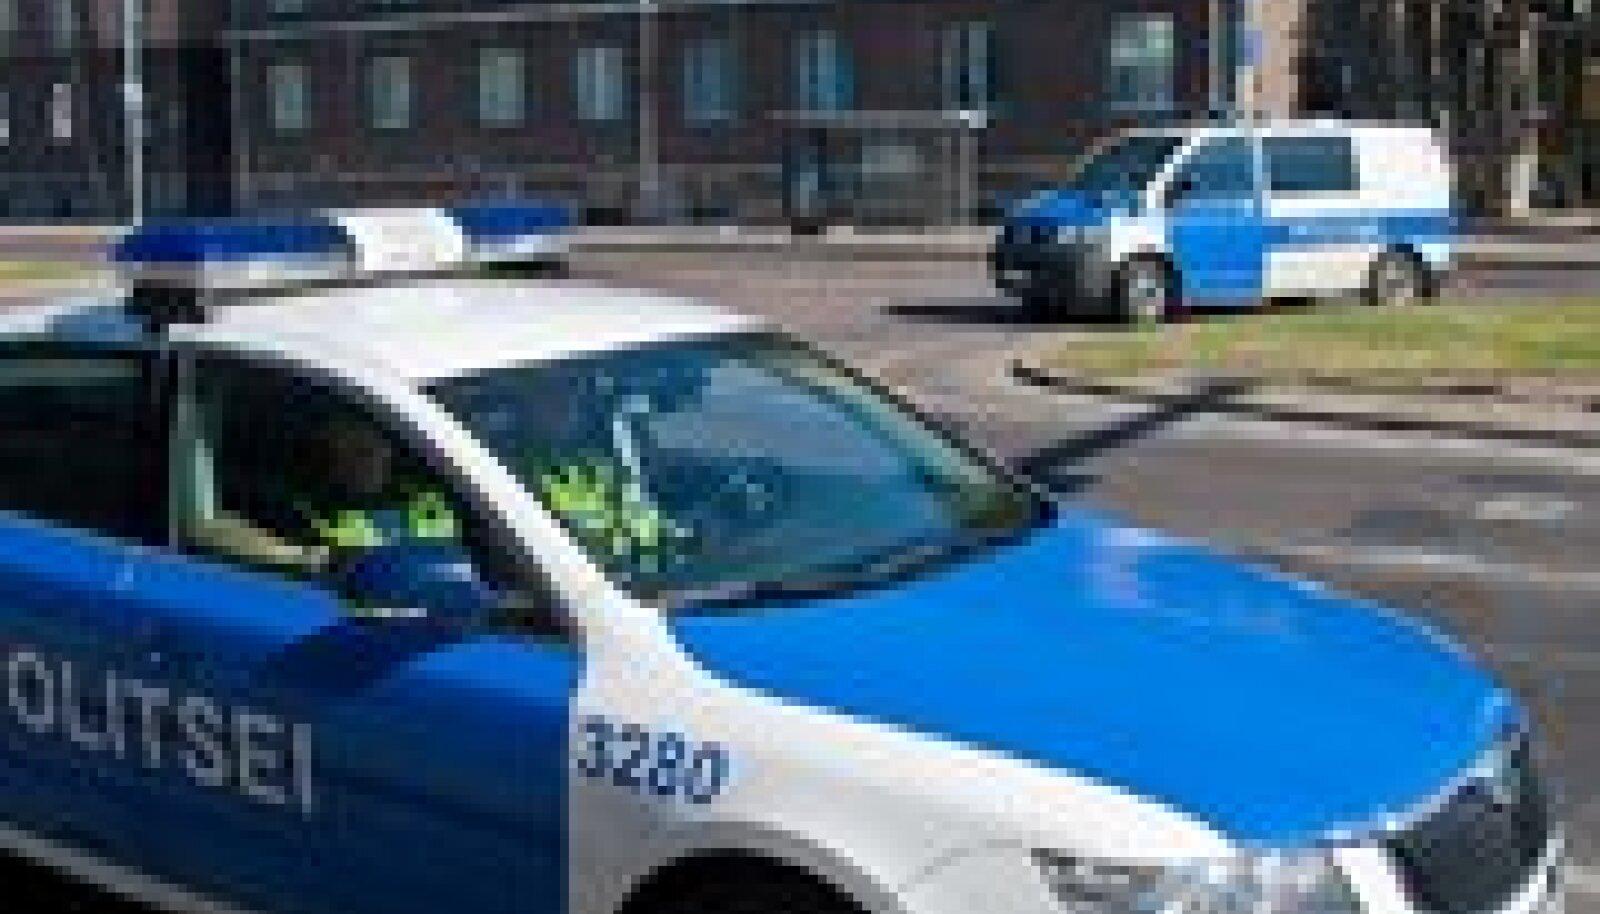 Uus seadus nõuab süvenemist nii liiklejailt kui ka korrapidajatelt.